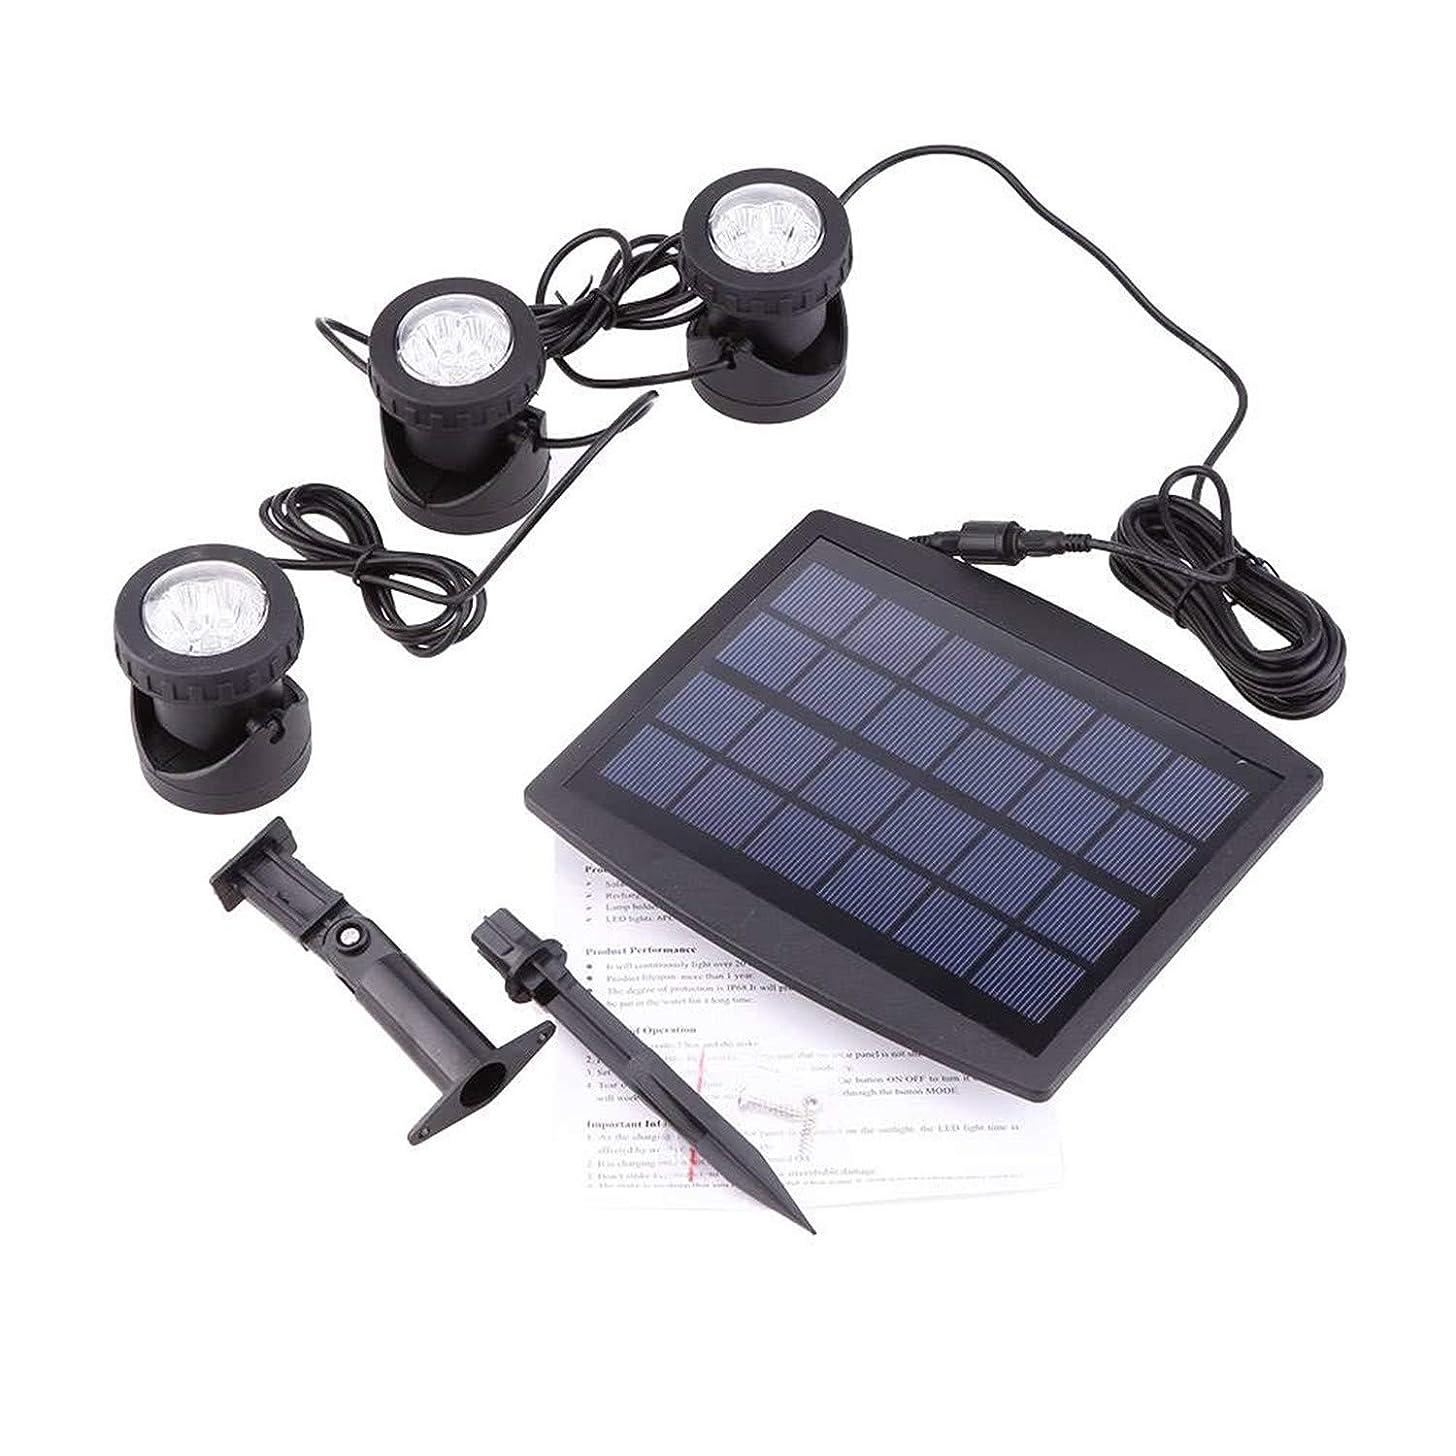 SHUTAO Solar Powered 3 Submersible Lamps 18 LEDs Light Garden Pool Underwater Spotlight